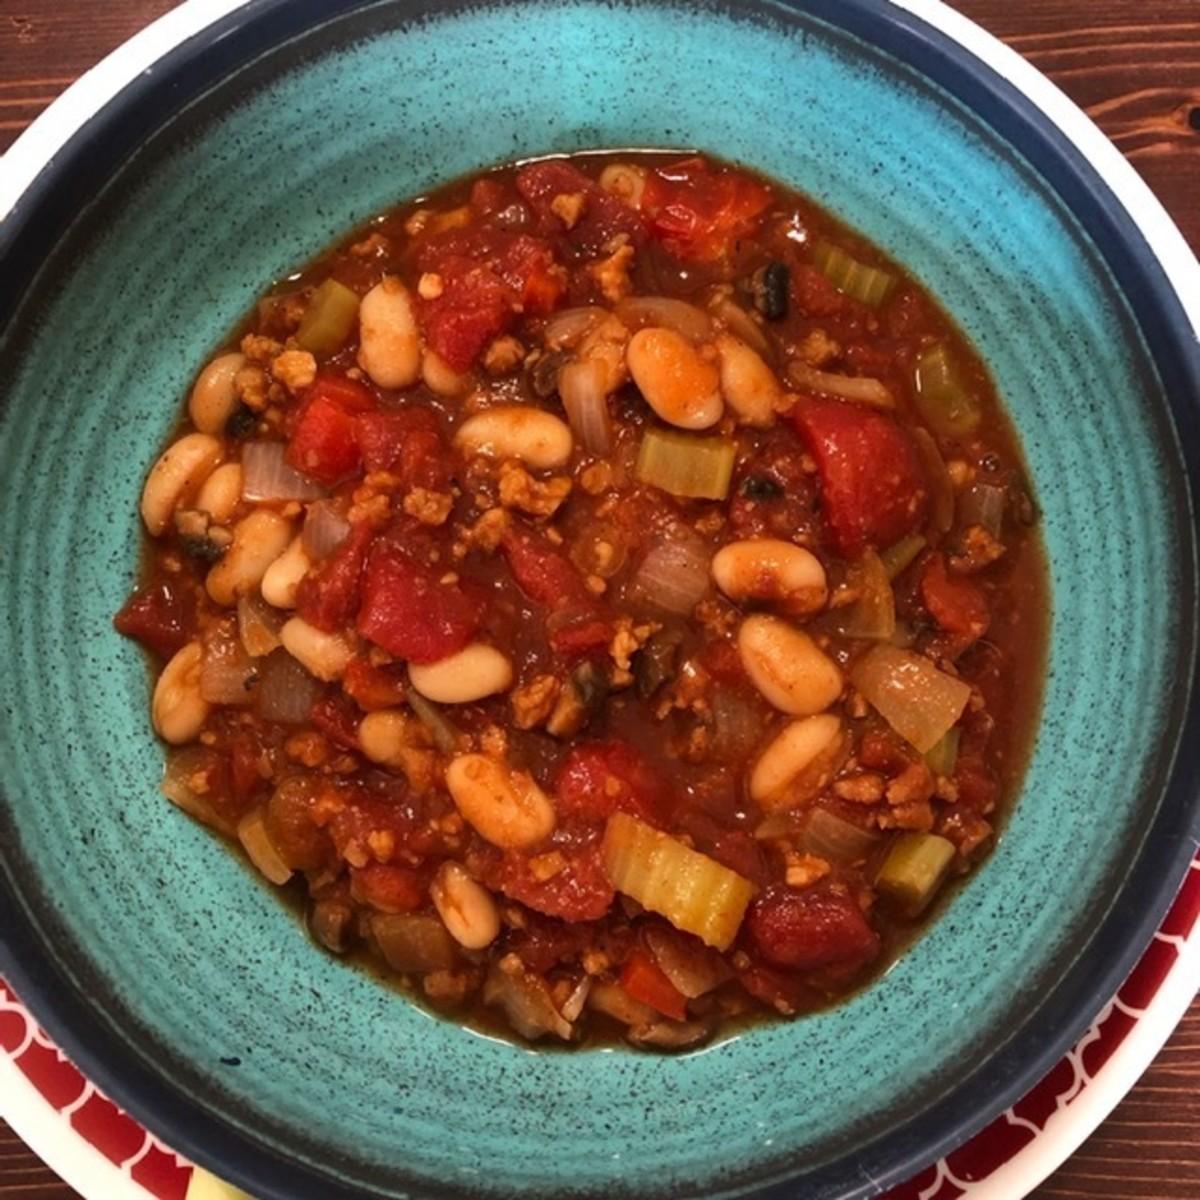 Yummy and chunky vegan chili